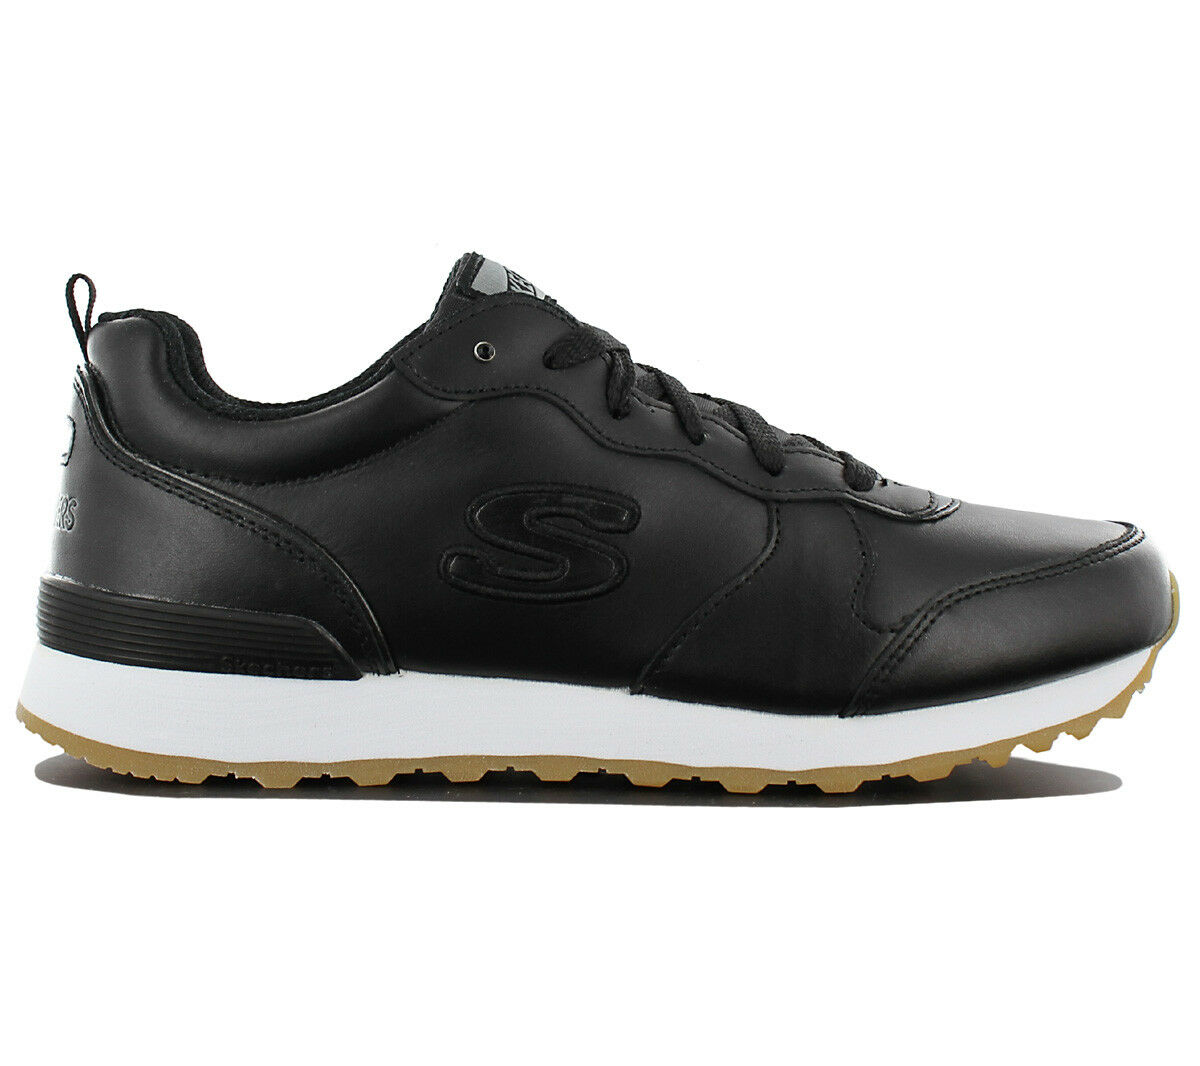 Skechers Og 85 Street Sneaker Low Zapatos Mujer Piel Negro Zapatillas de Deporte